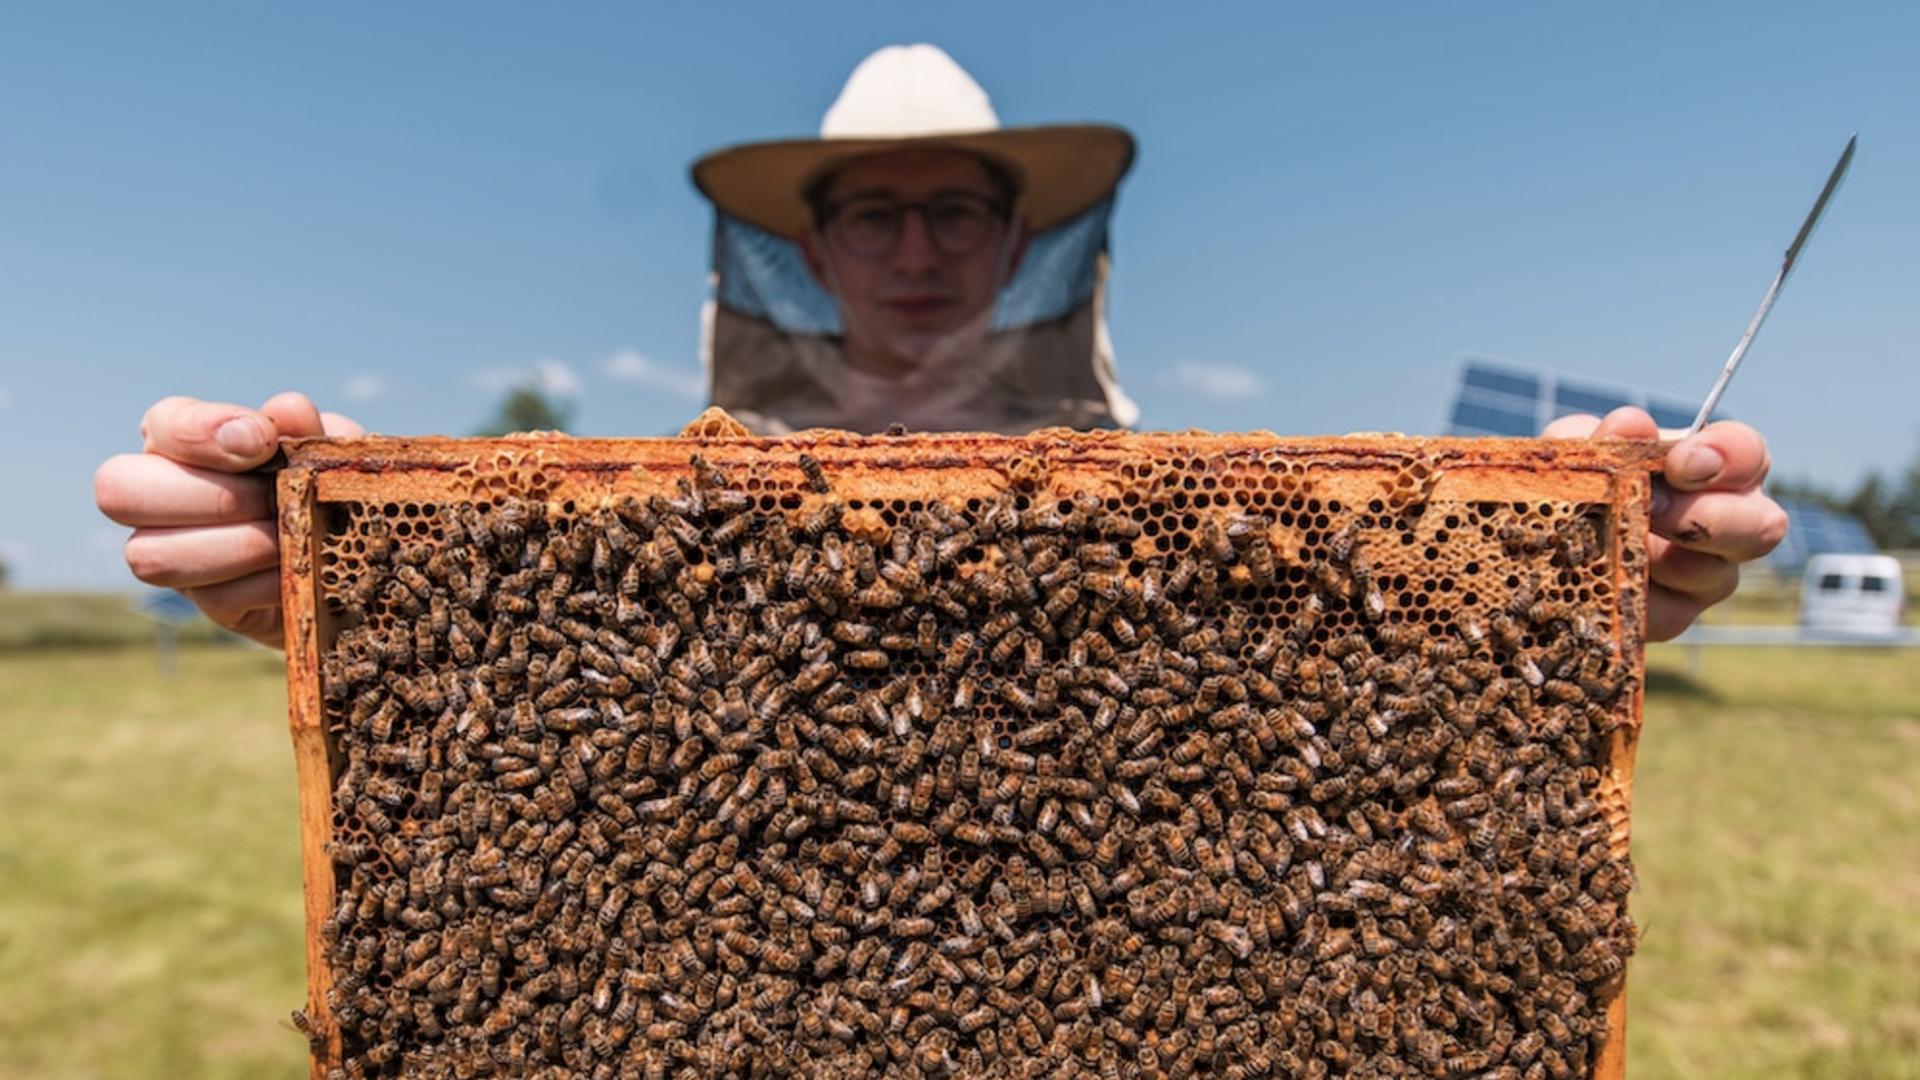 Kas nutiktų, jei bičių nebeliktų? Ar tikrai išnyktų žmonija? (VIDEO su gestų kalba)